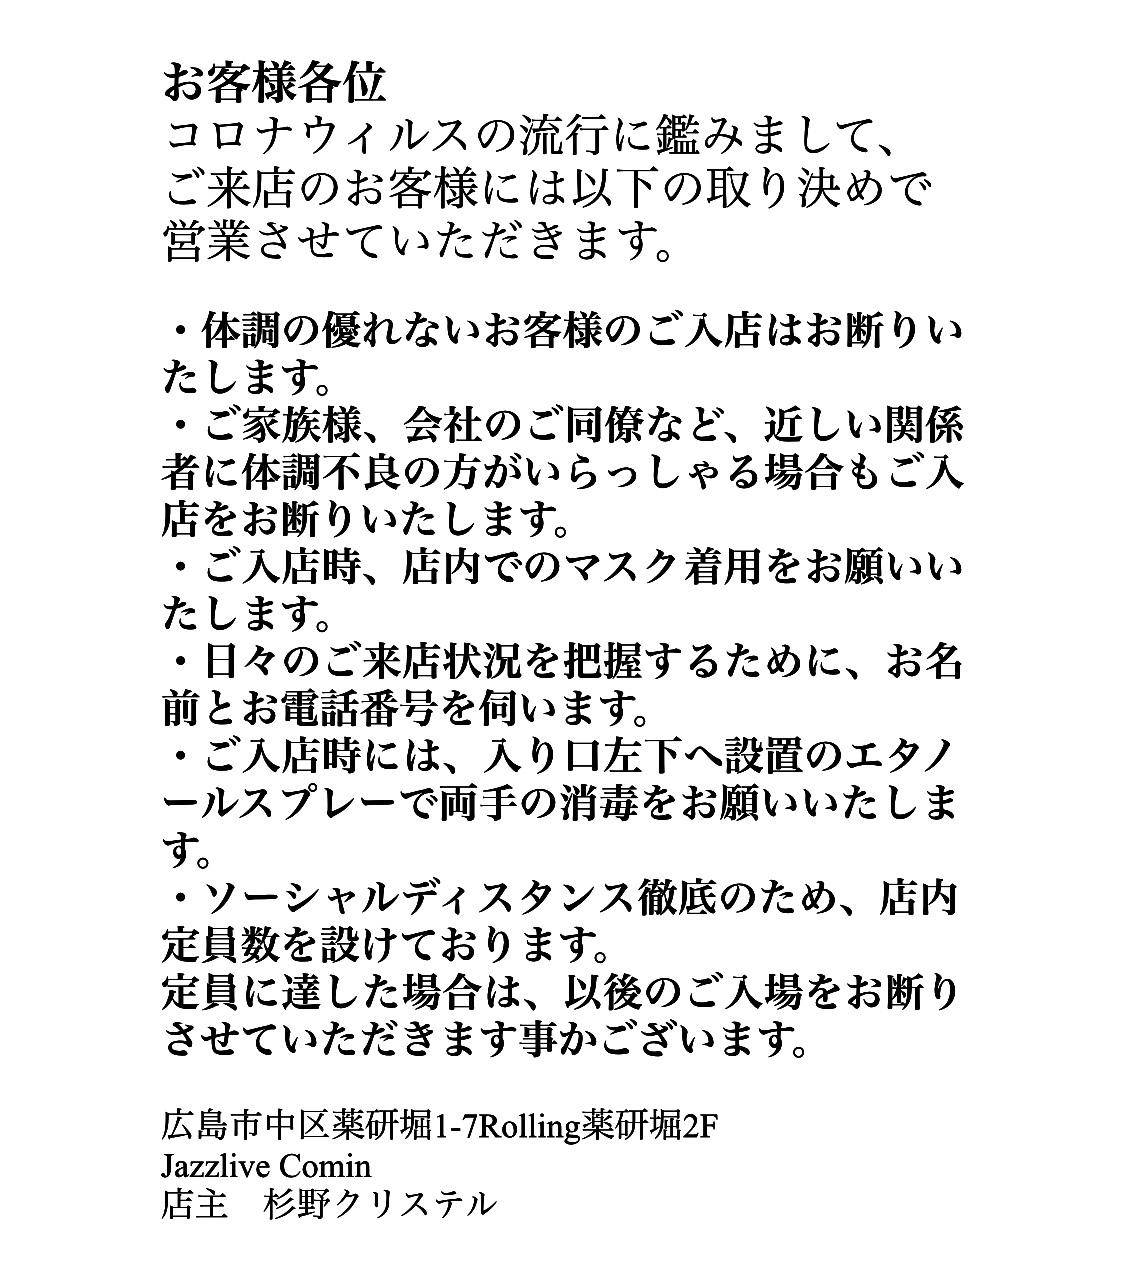 広島 ジャズライブカミンJazzlive Comin 本日11月11日のライブ_b0115606_10391434.jpeg